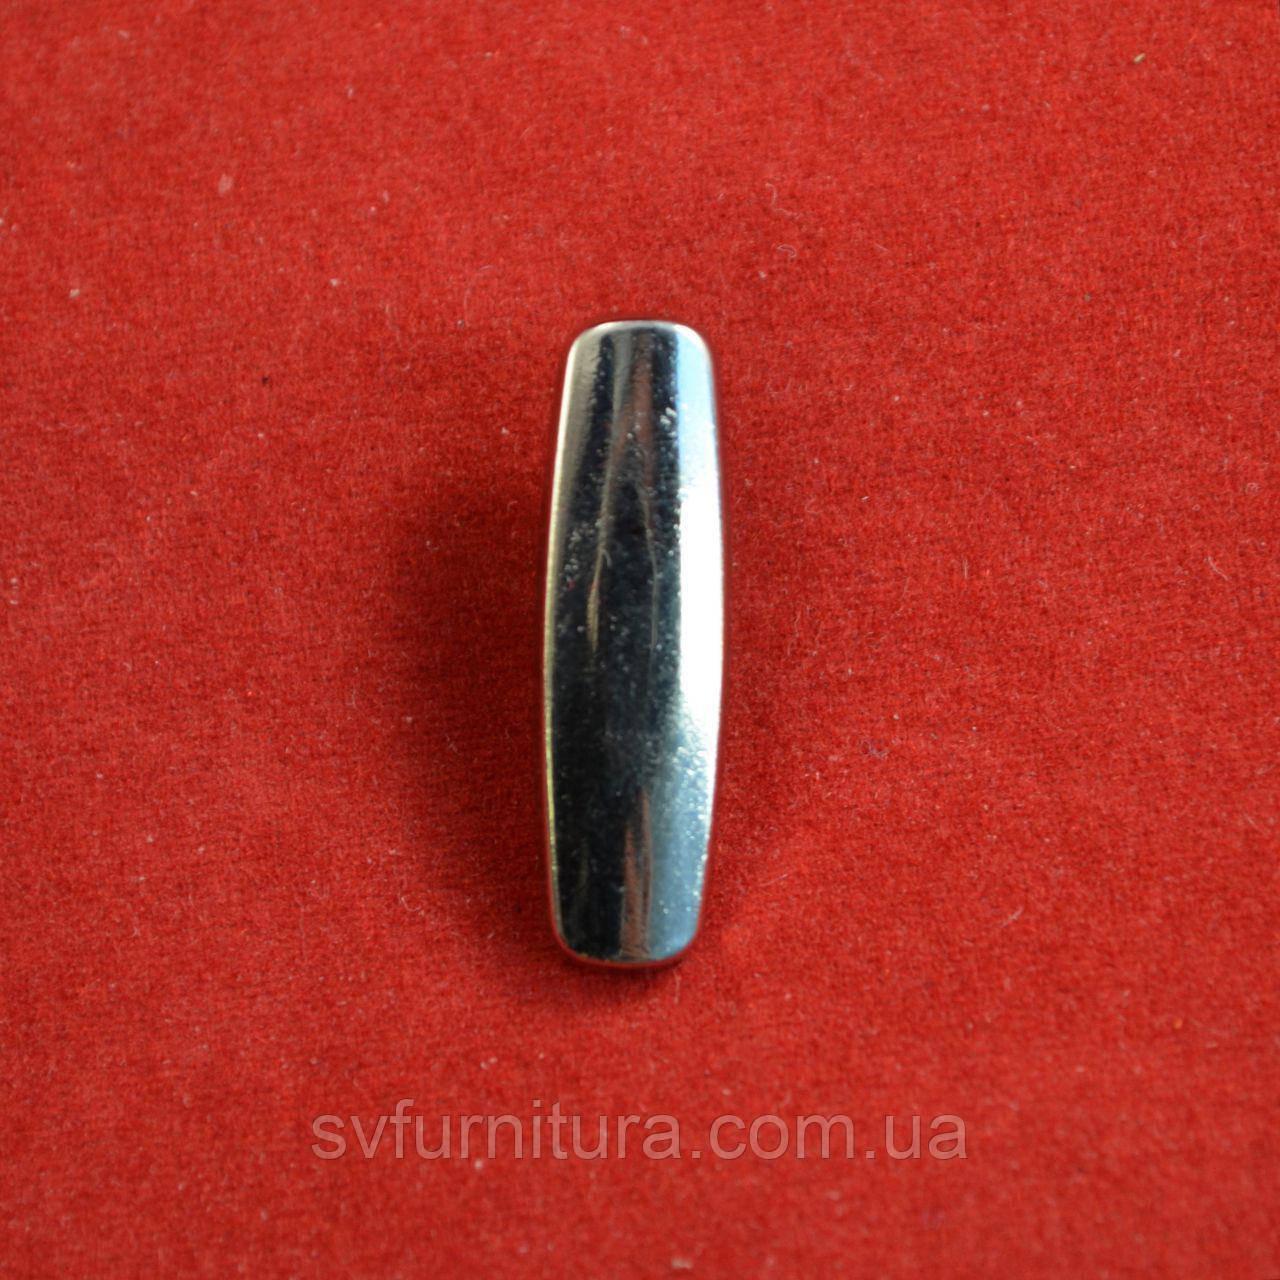 Кнопка А 14807 серебро